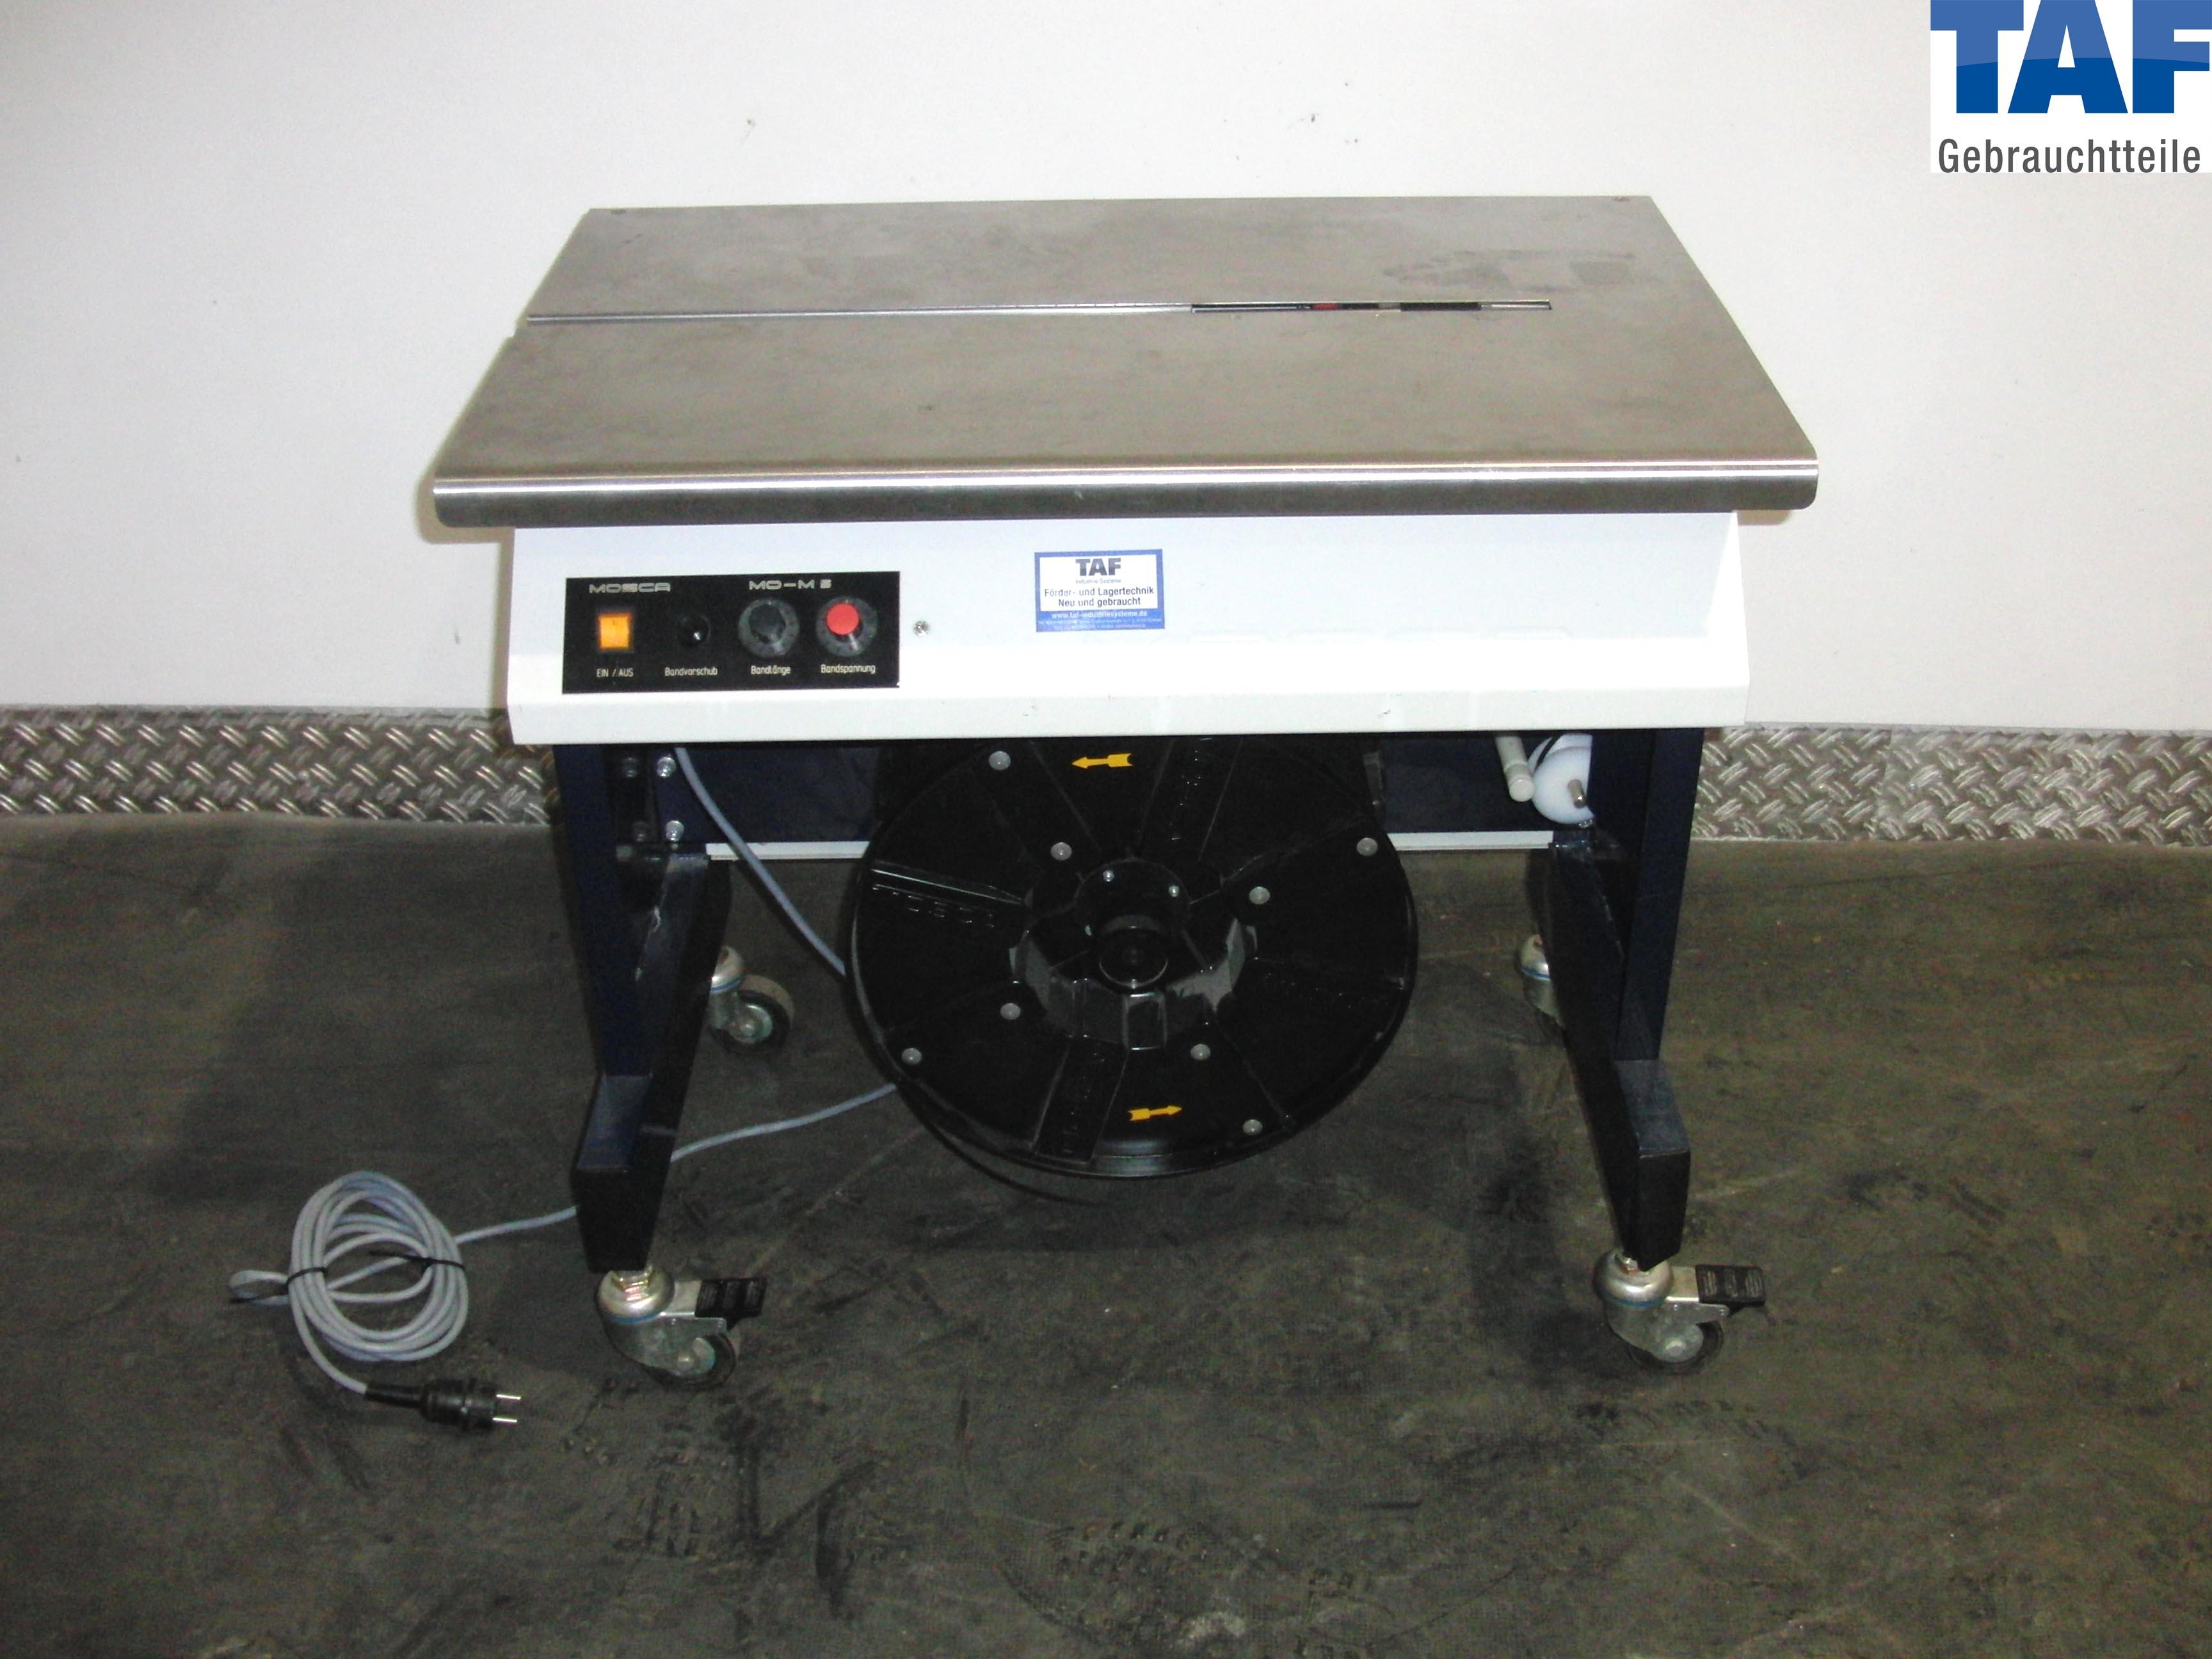 Gebrauchte lager einrichtung taf industrie systeme for Gebrauchte einrichtung